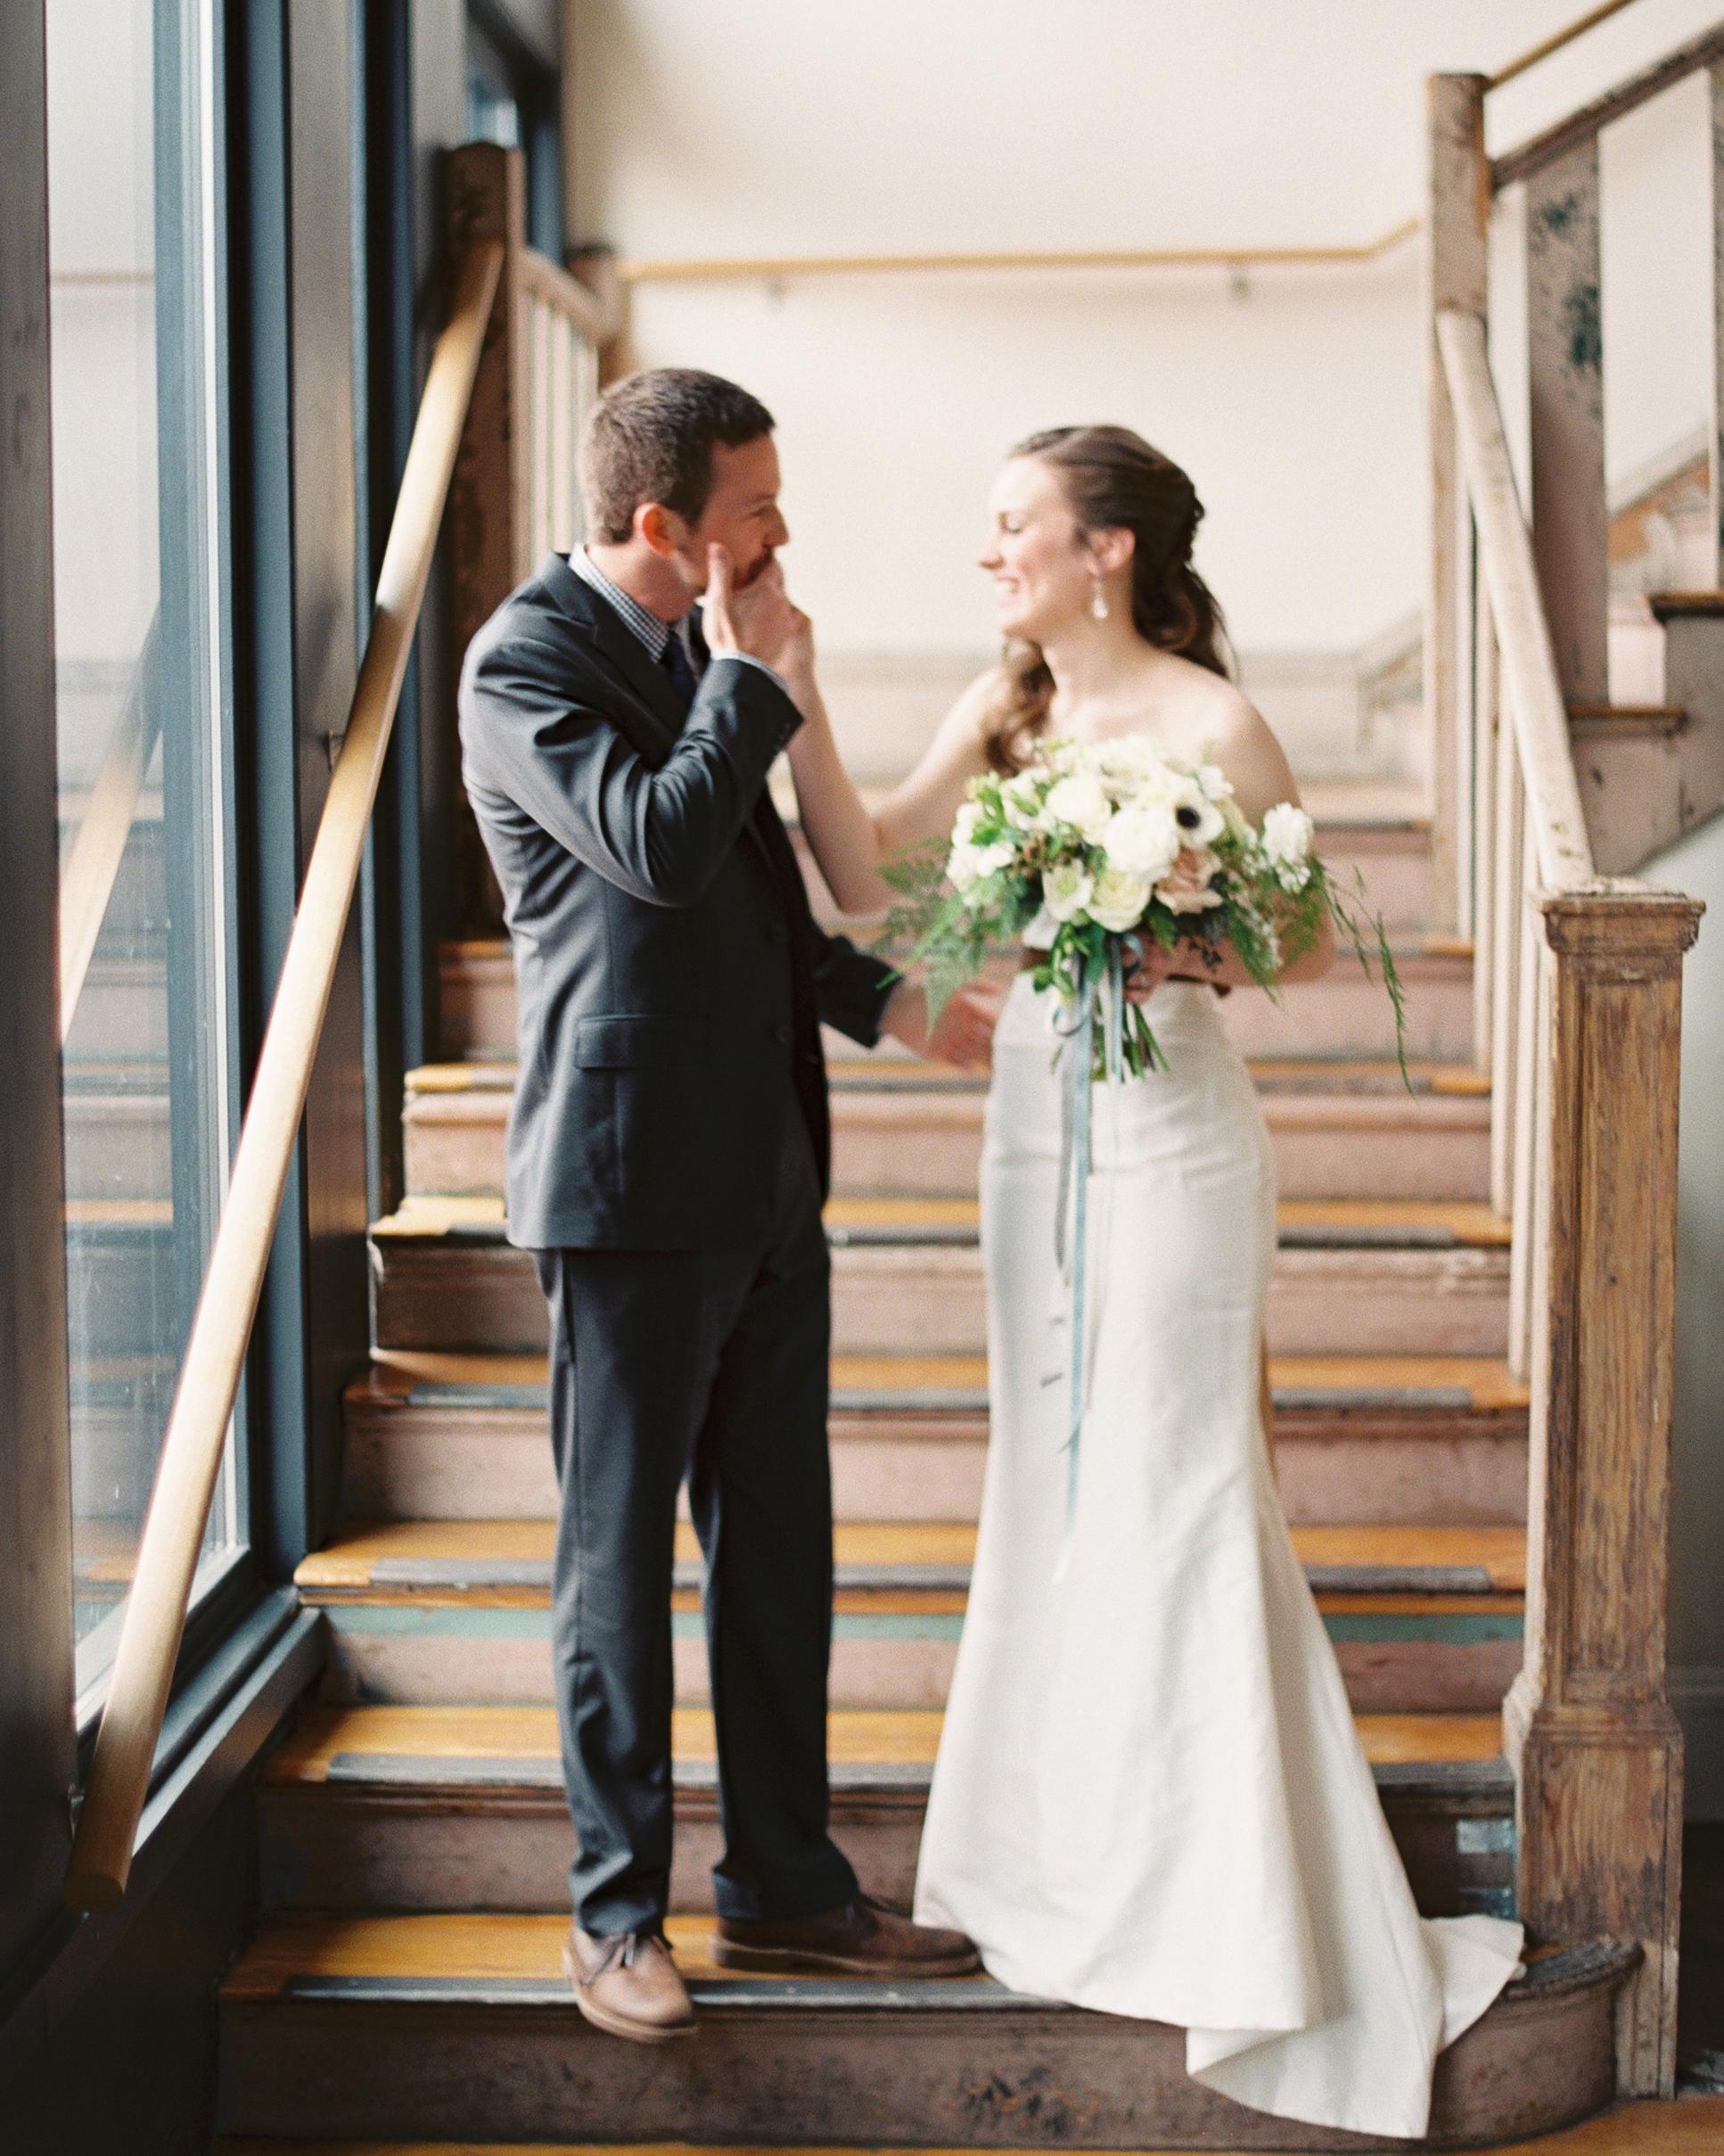 coleen-brandon-wedding-firstlook3-0614.jpg